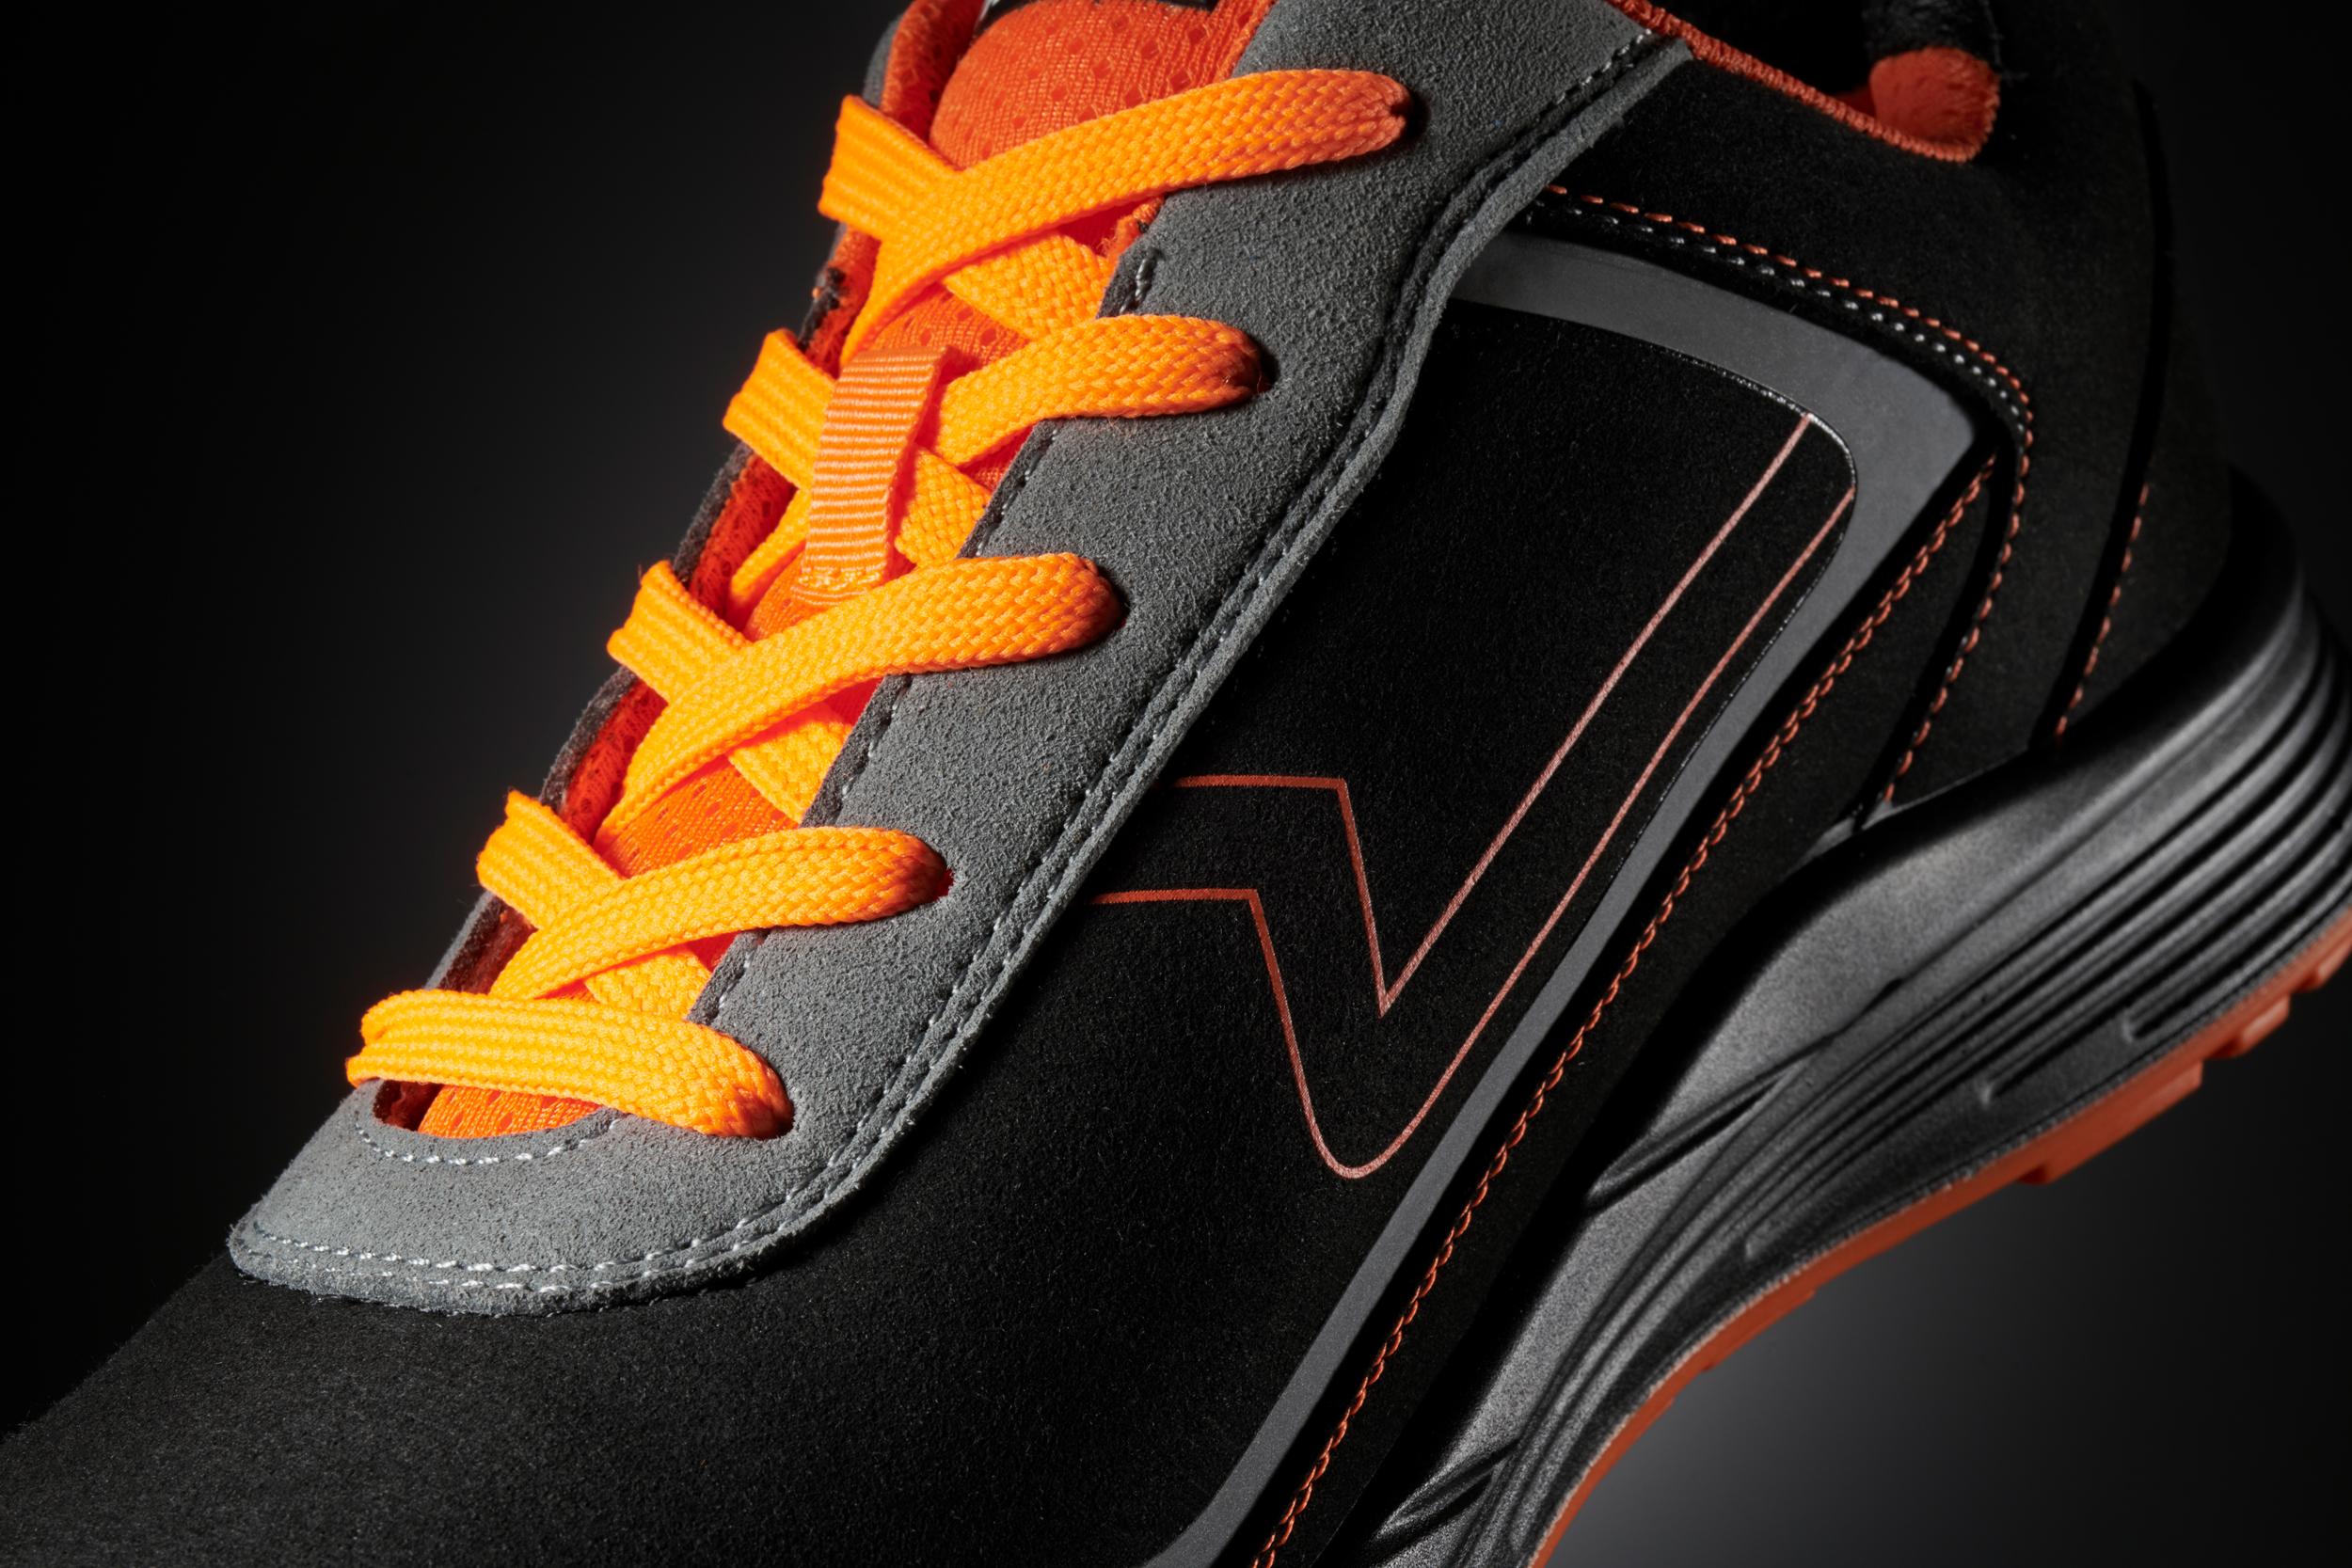 Zapatillas Estrella Paredes clases y categorías del calzado profesional blog paredes seguridad